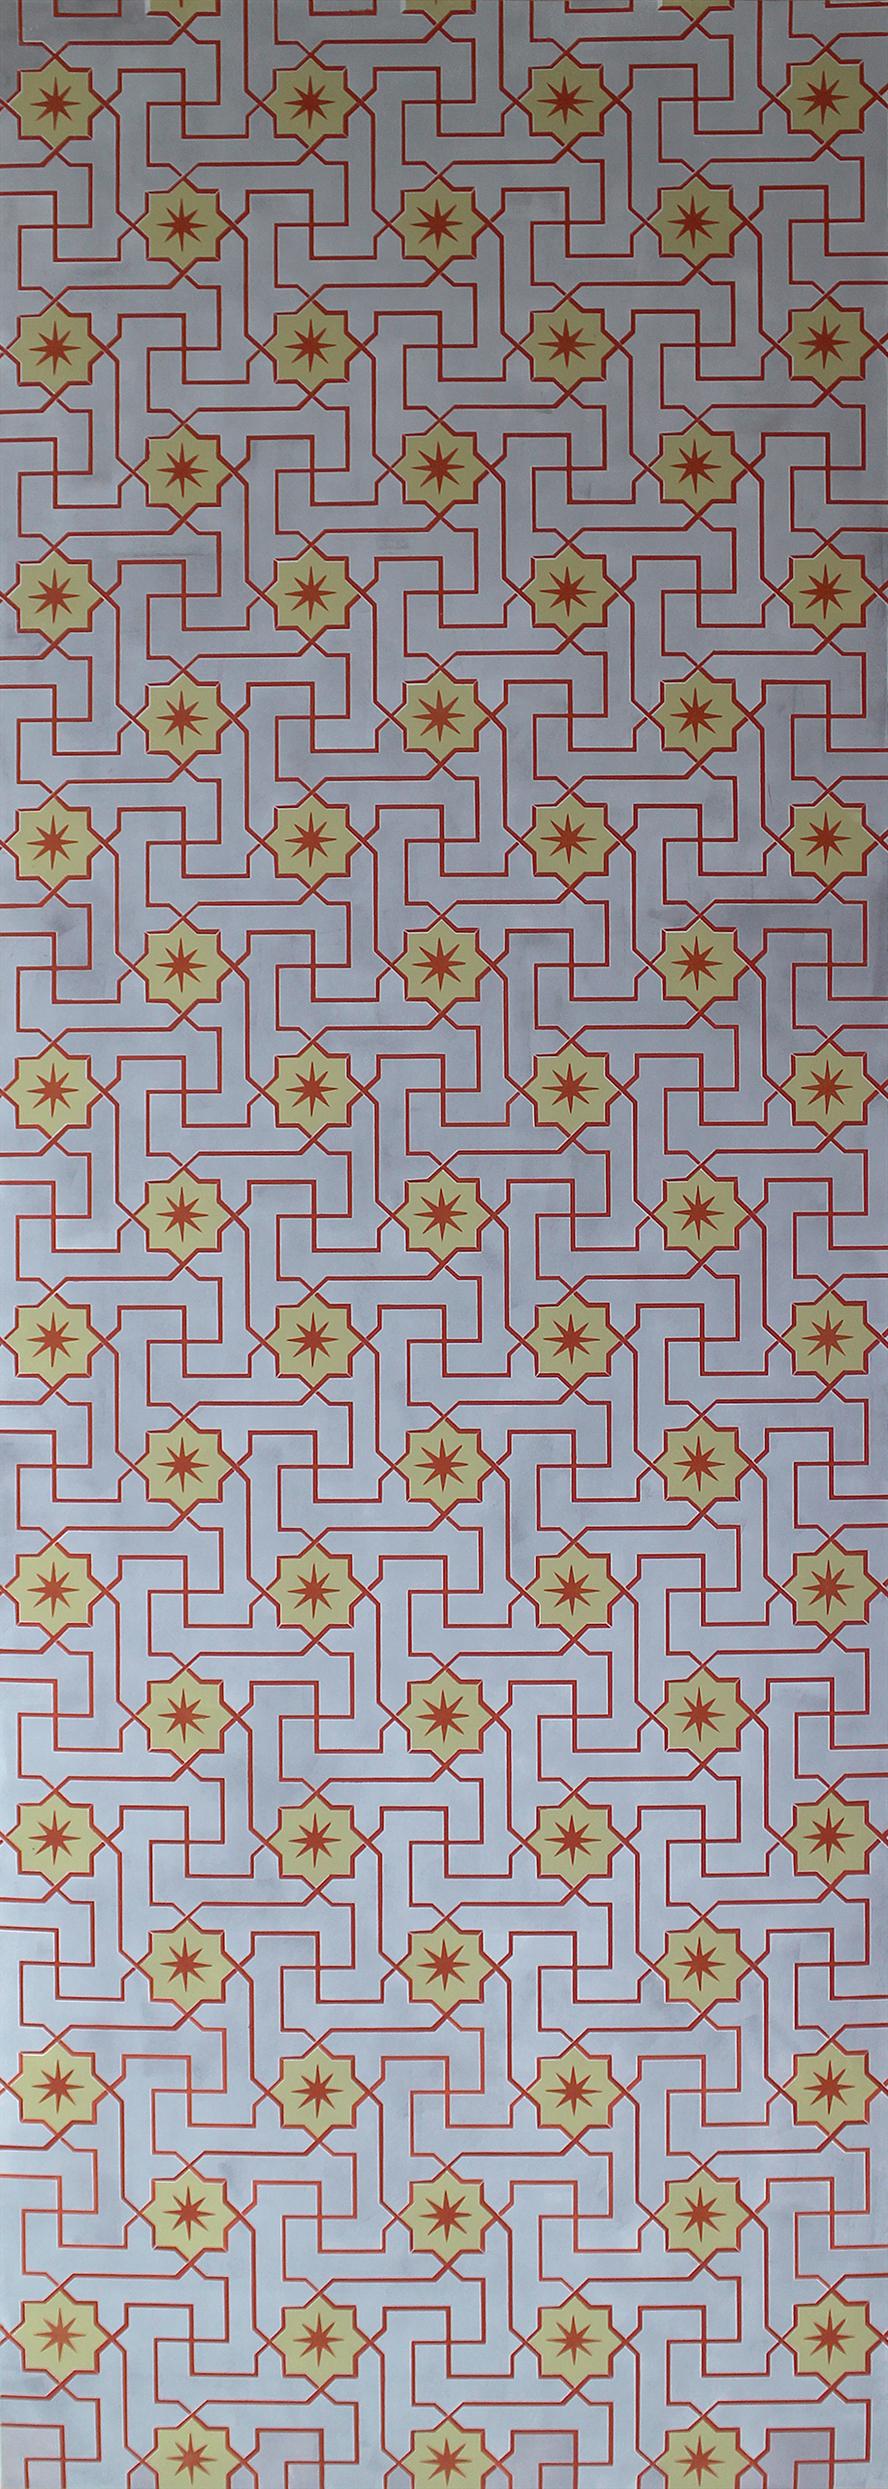 Willumsen og Alhambramønstret 20. Original håndtrykt på kraftig nonwoven tapetpapir med kompositionsfarver. Prisen pr løbende meter er 650,-